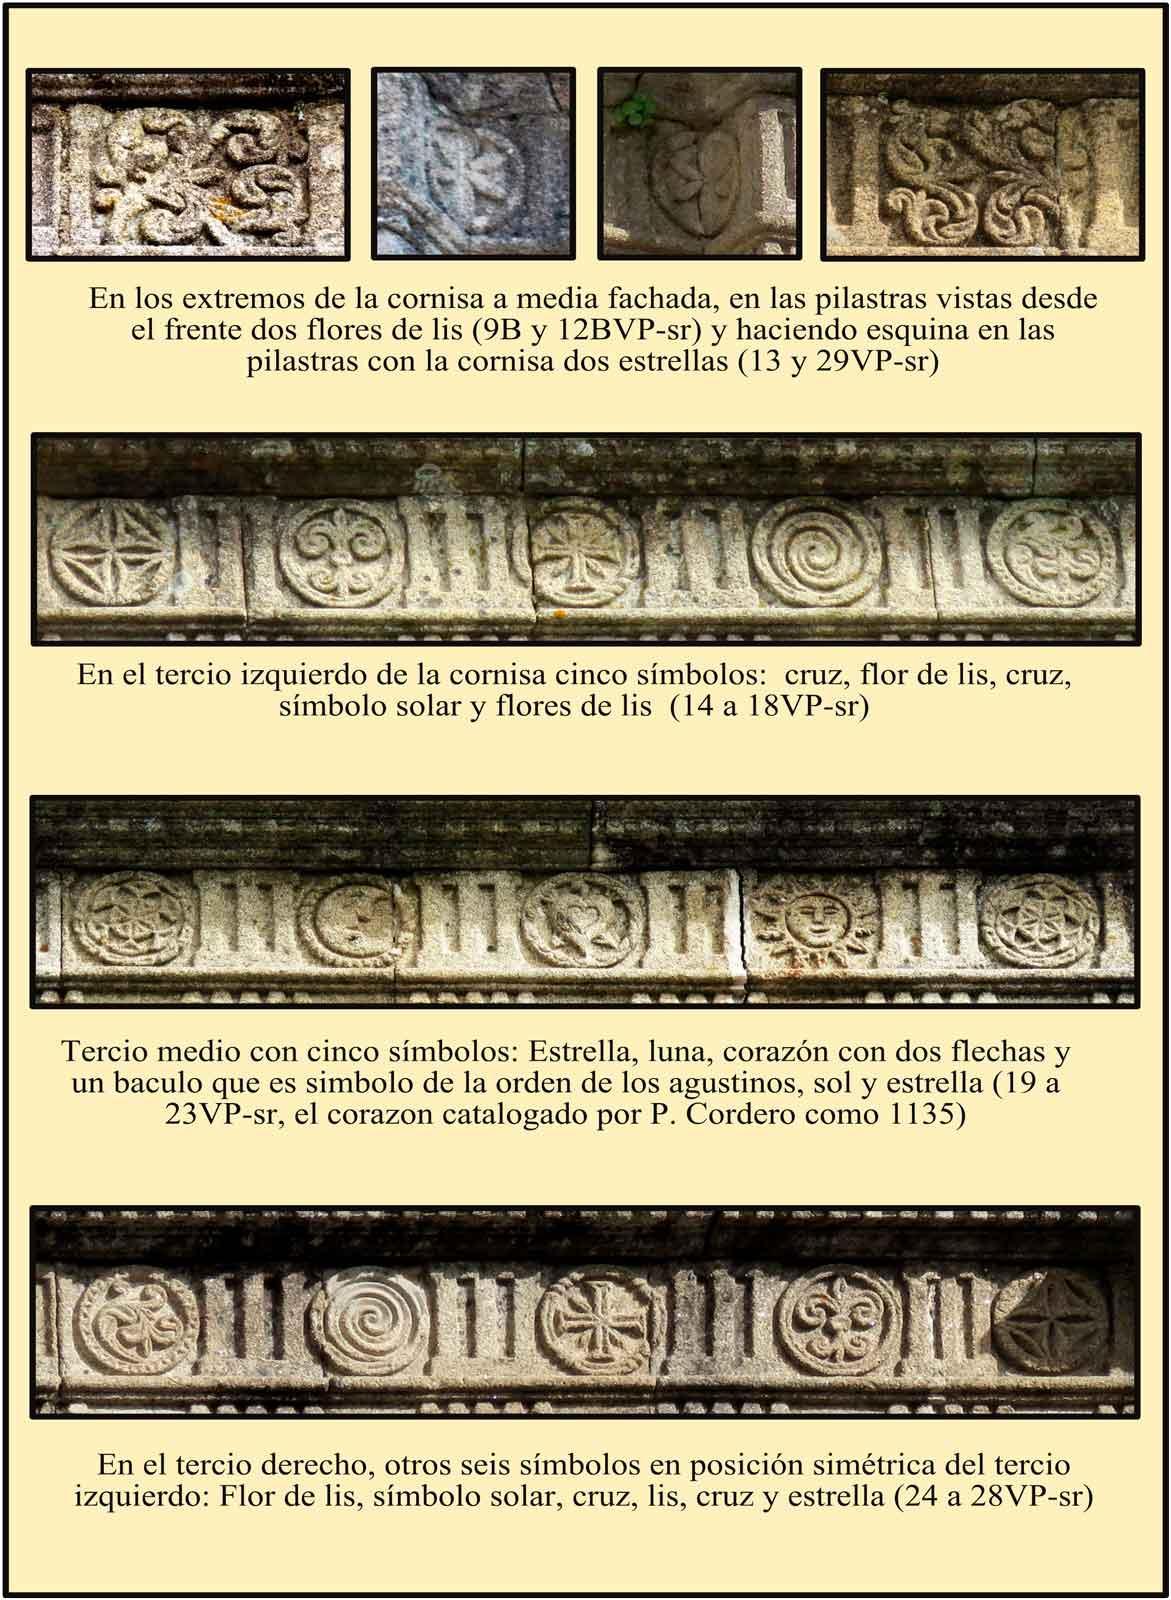 Simbolos marianos en las cornisas de la fachada de la ermita de la Virgen del Puerto